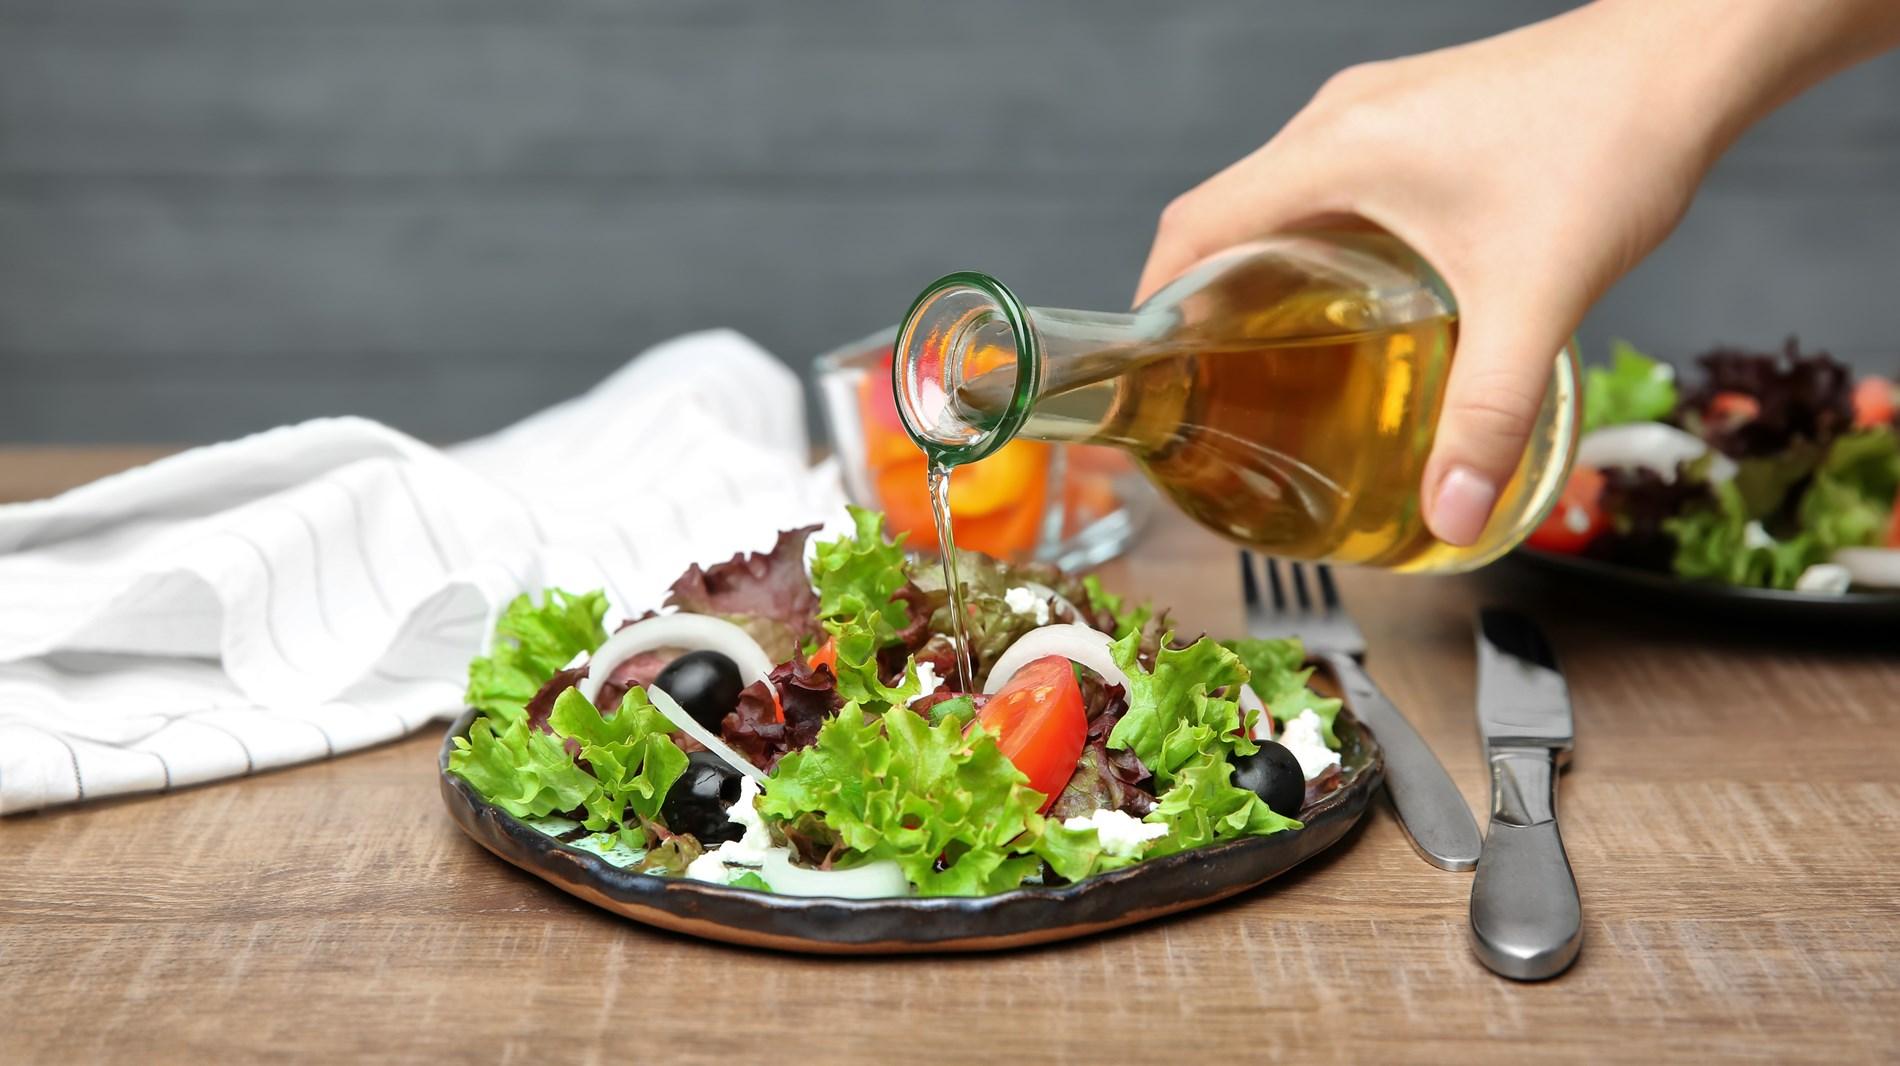 استخدامات مدهشة للخل عدا طهو الطعام